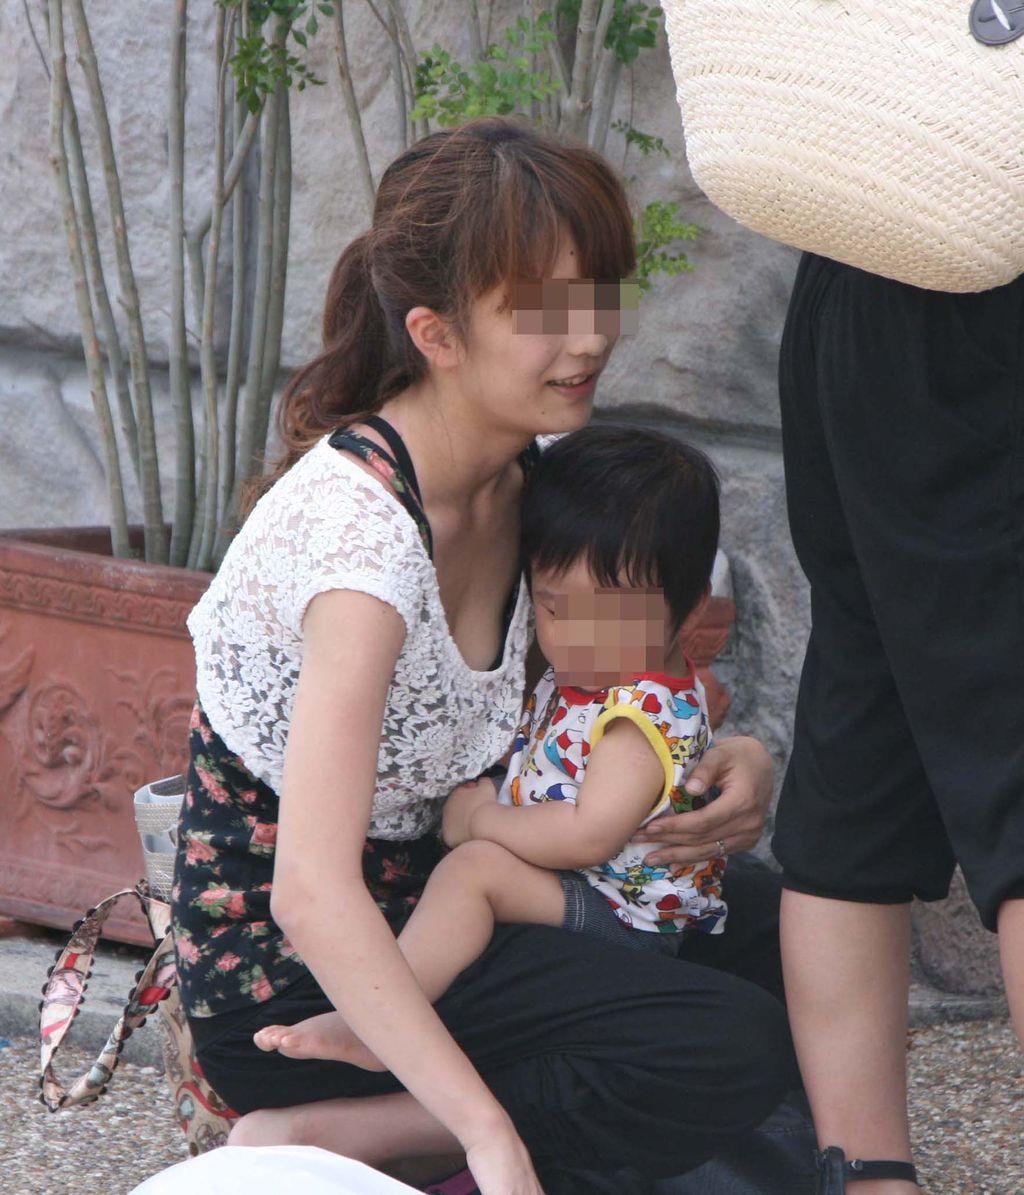 神戸 素人 jc パンツや乳首を盗撮したエロ画像 img001